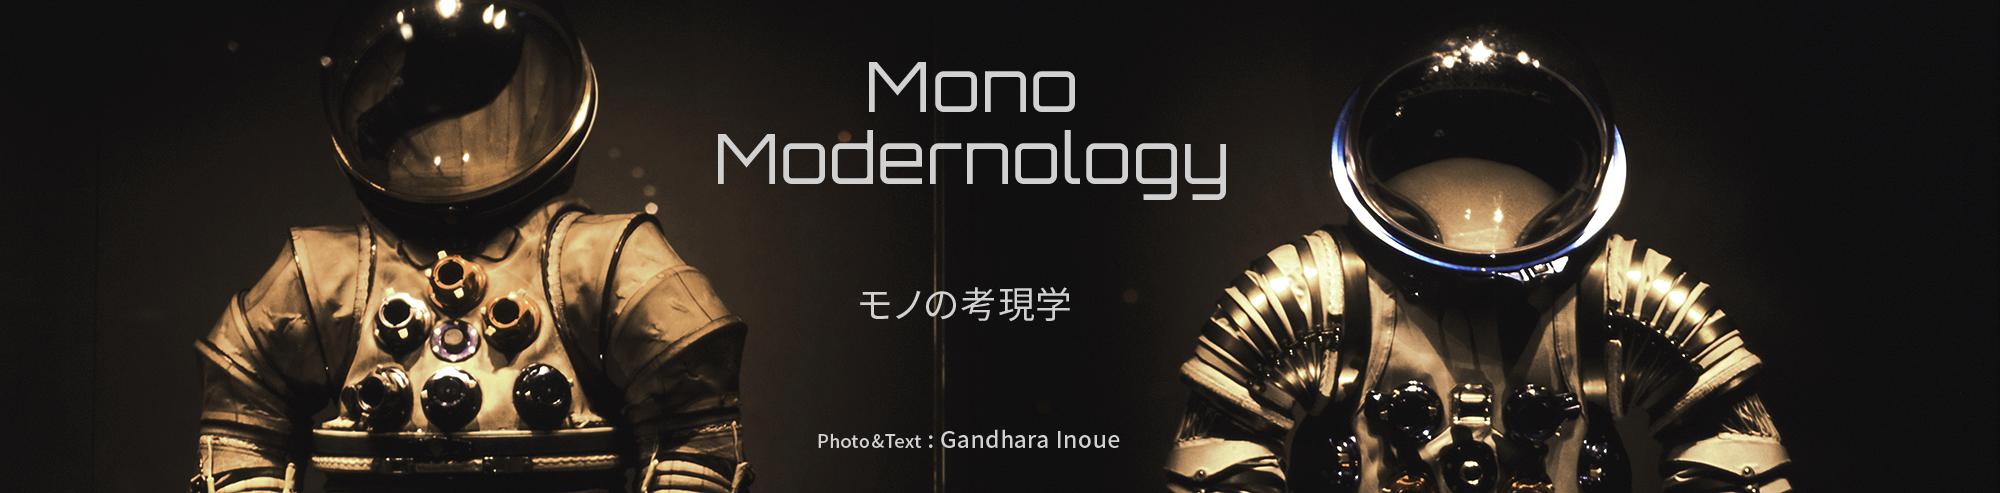 Mono Modernology (モノ考現学)by CREEZAN